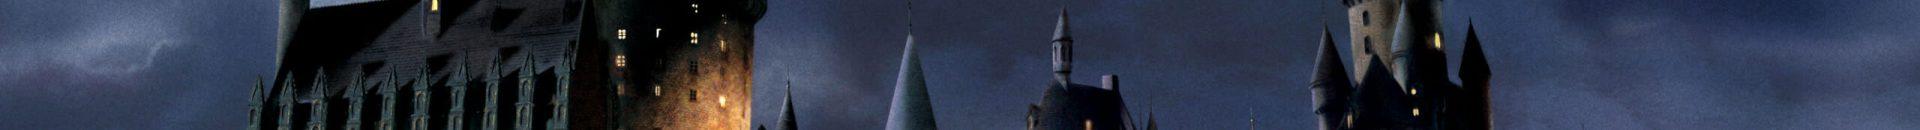 Saga di Harry Potter: discriminazioni e tokenism